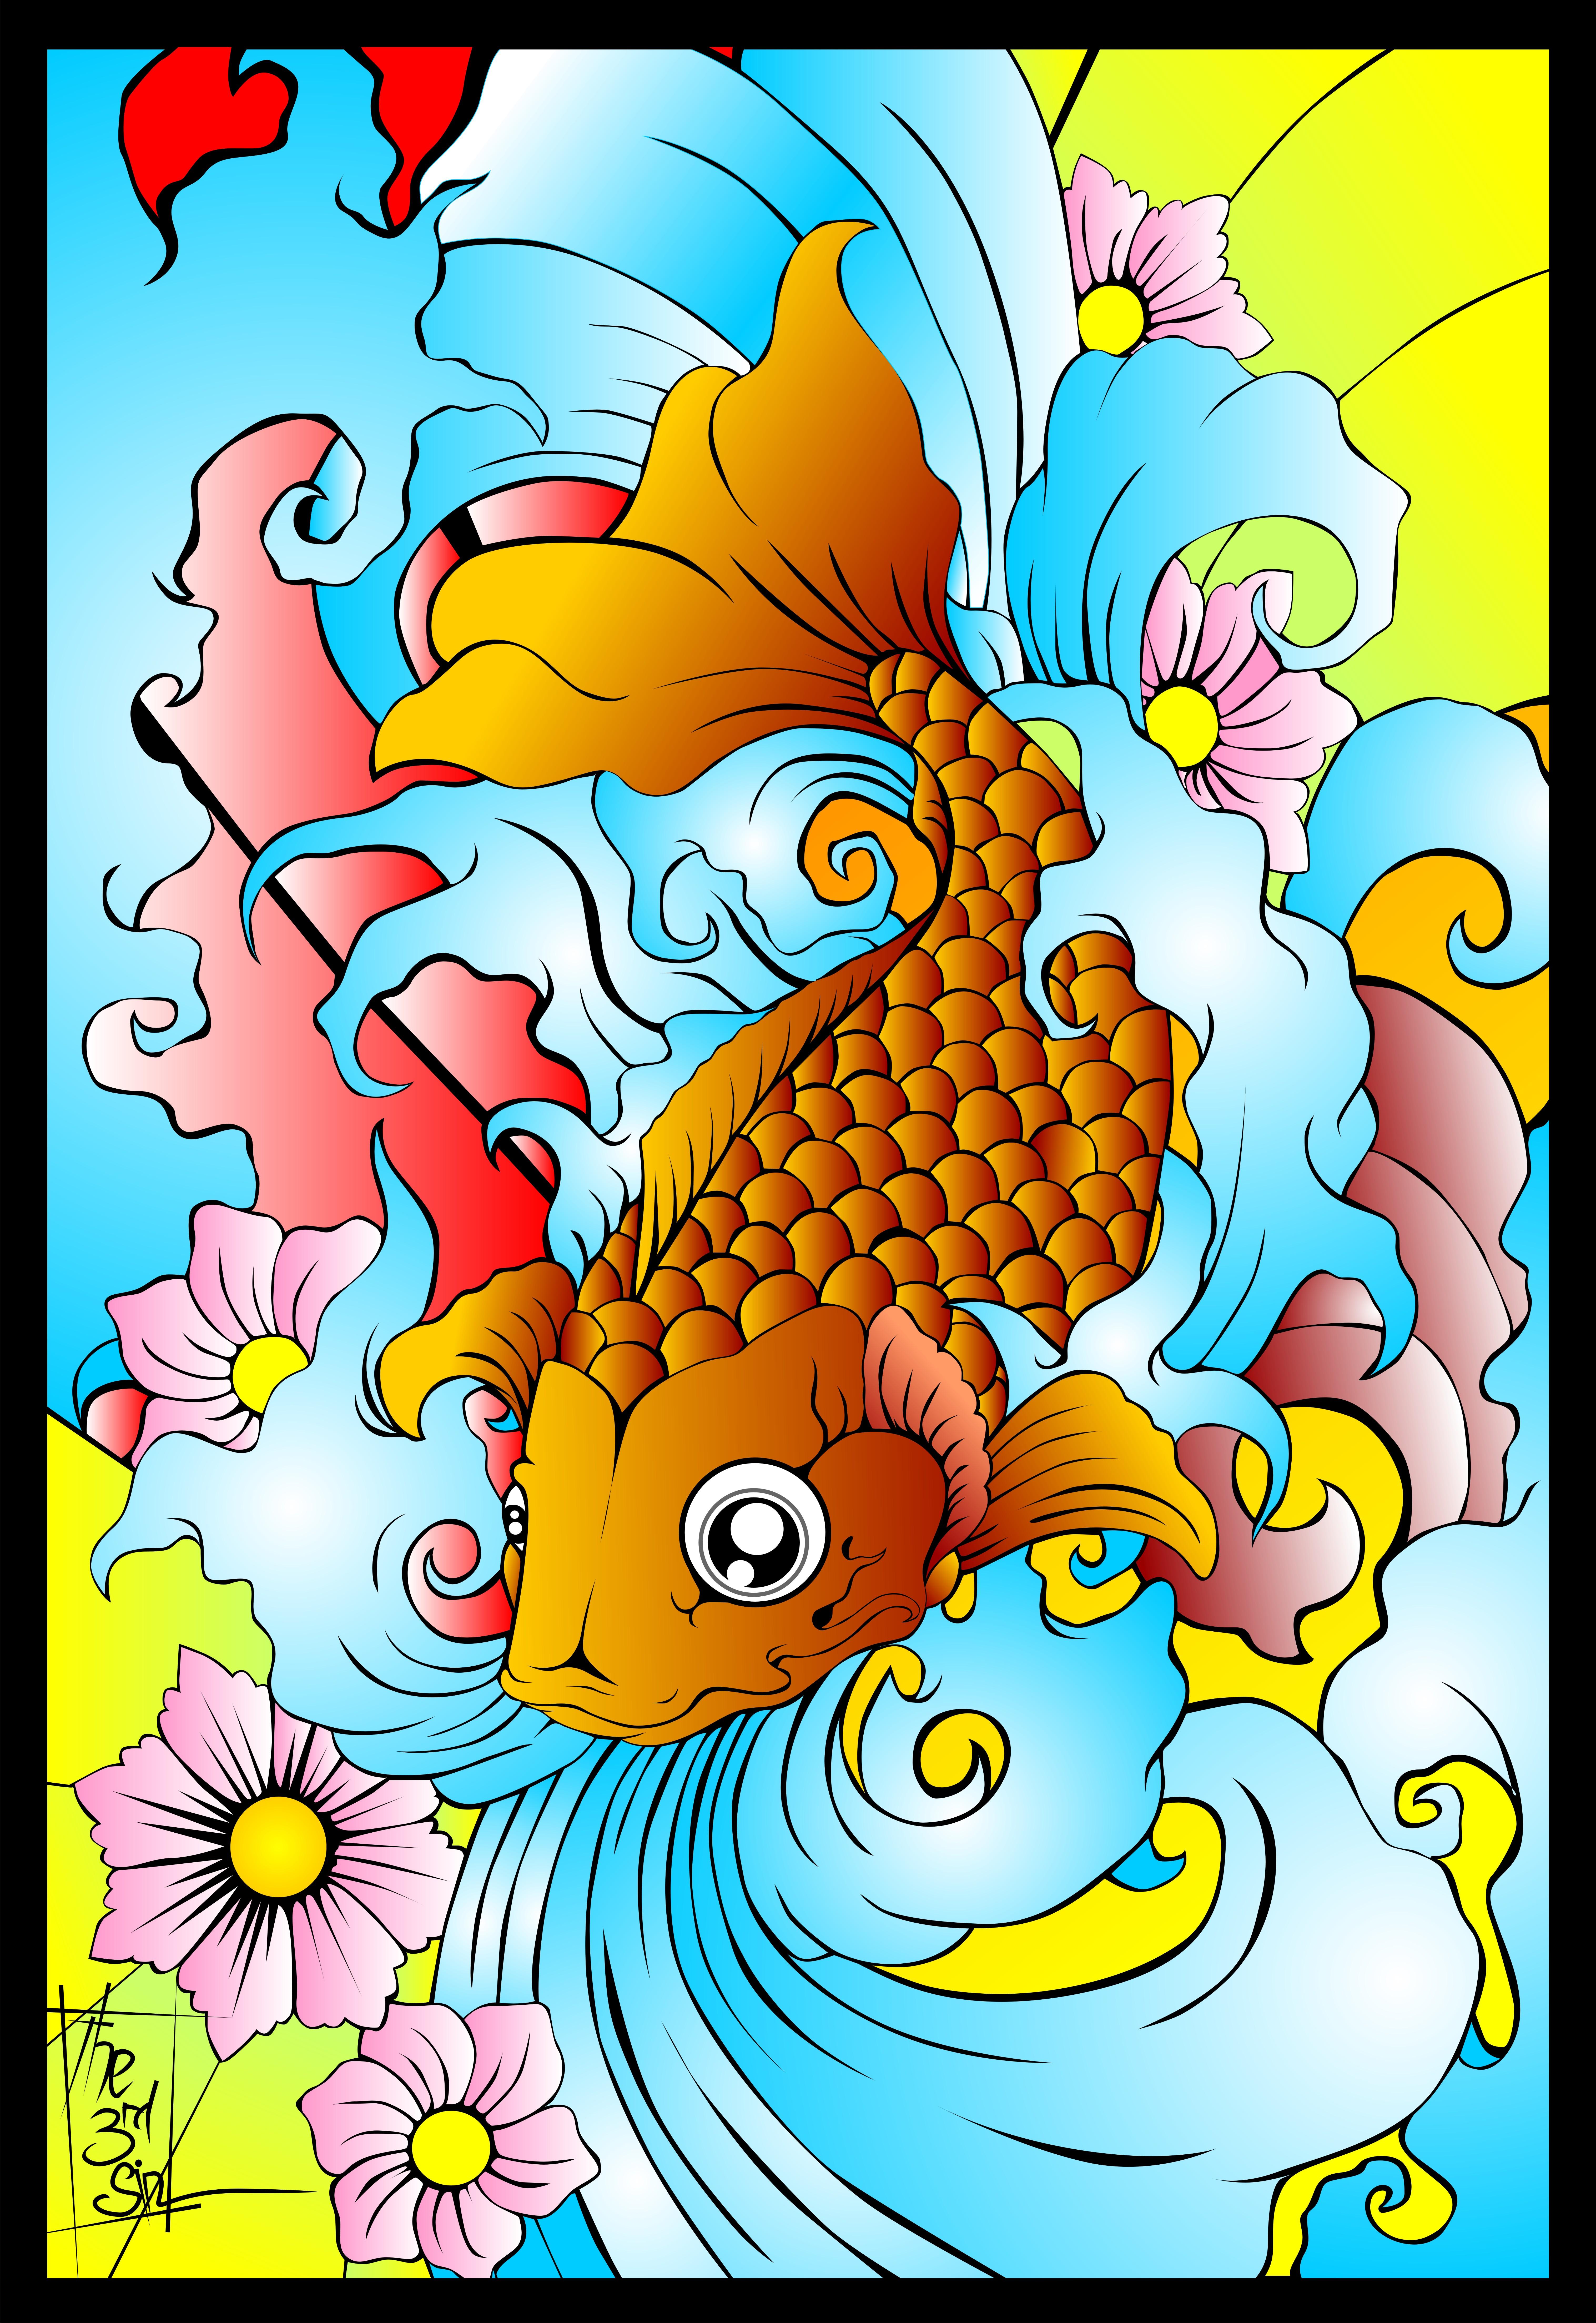 Japanese koi fish part i by bytha on deviantart for Asian koi fish art